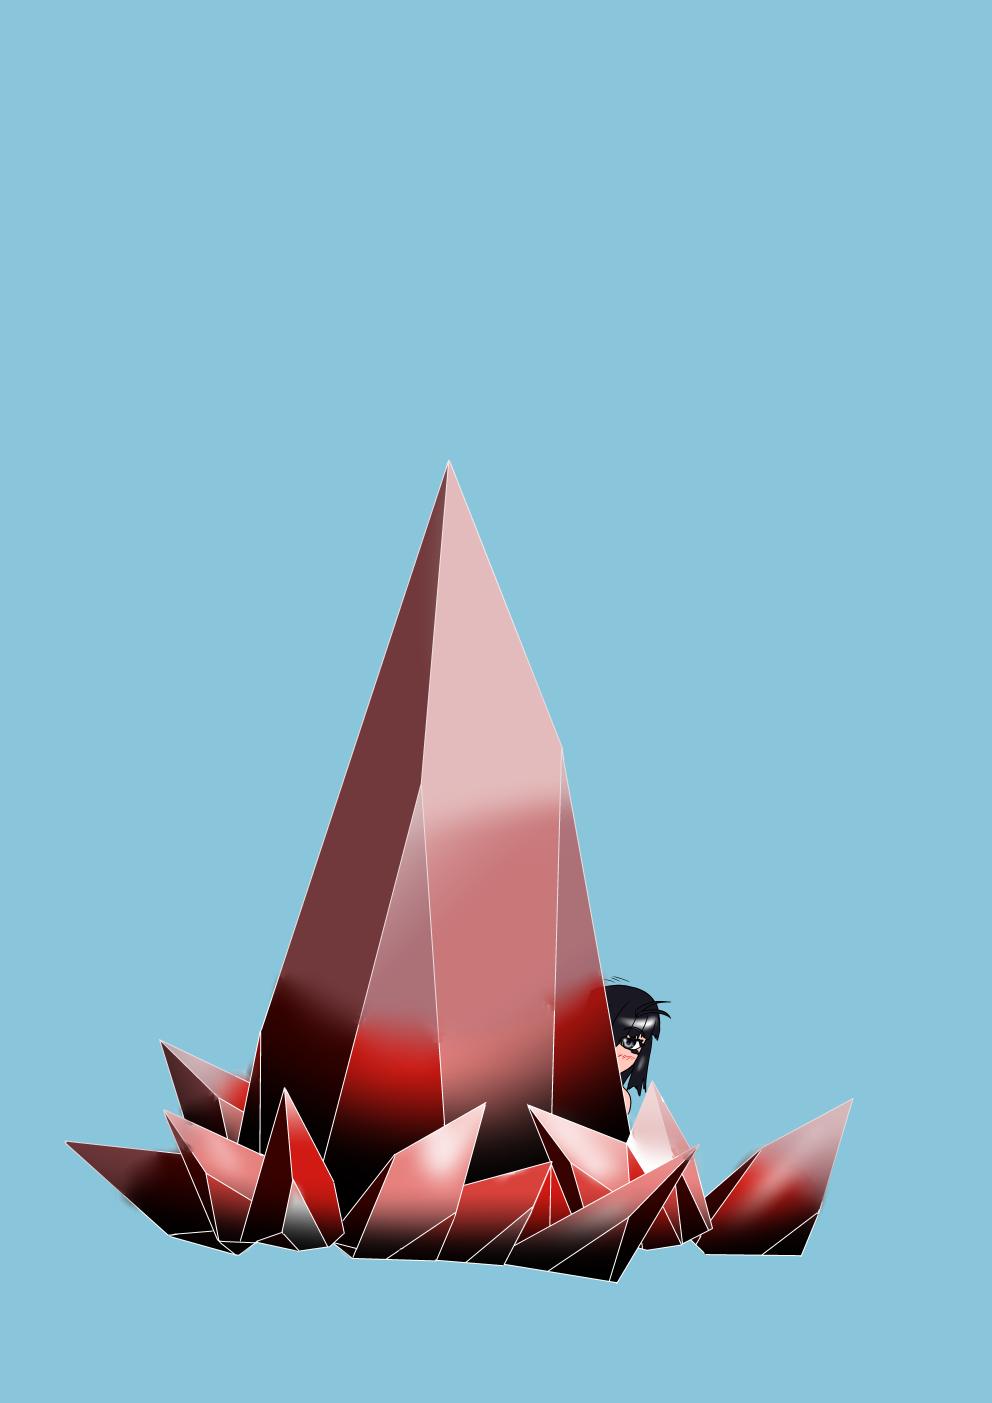 水晶の描き方練習その2(八雲楓)